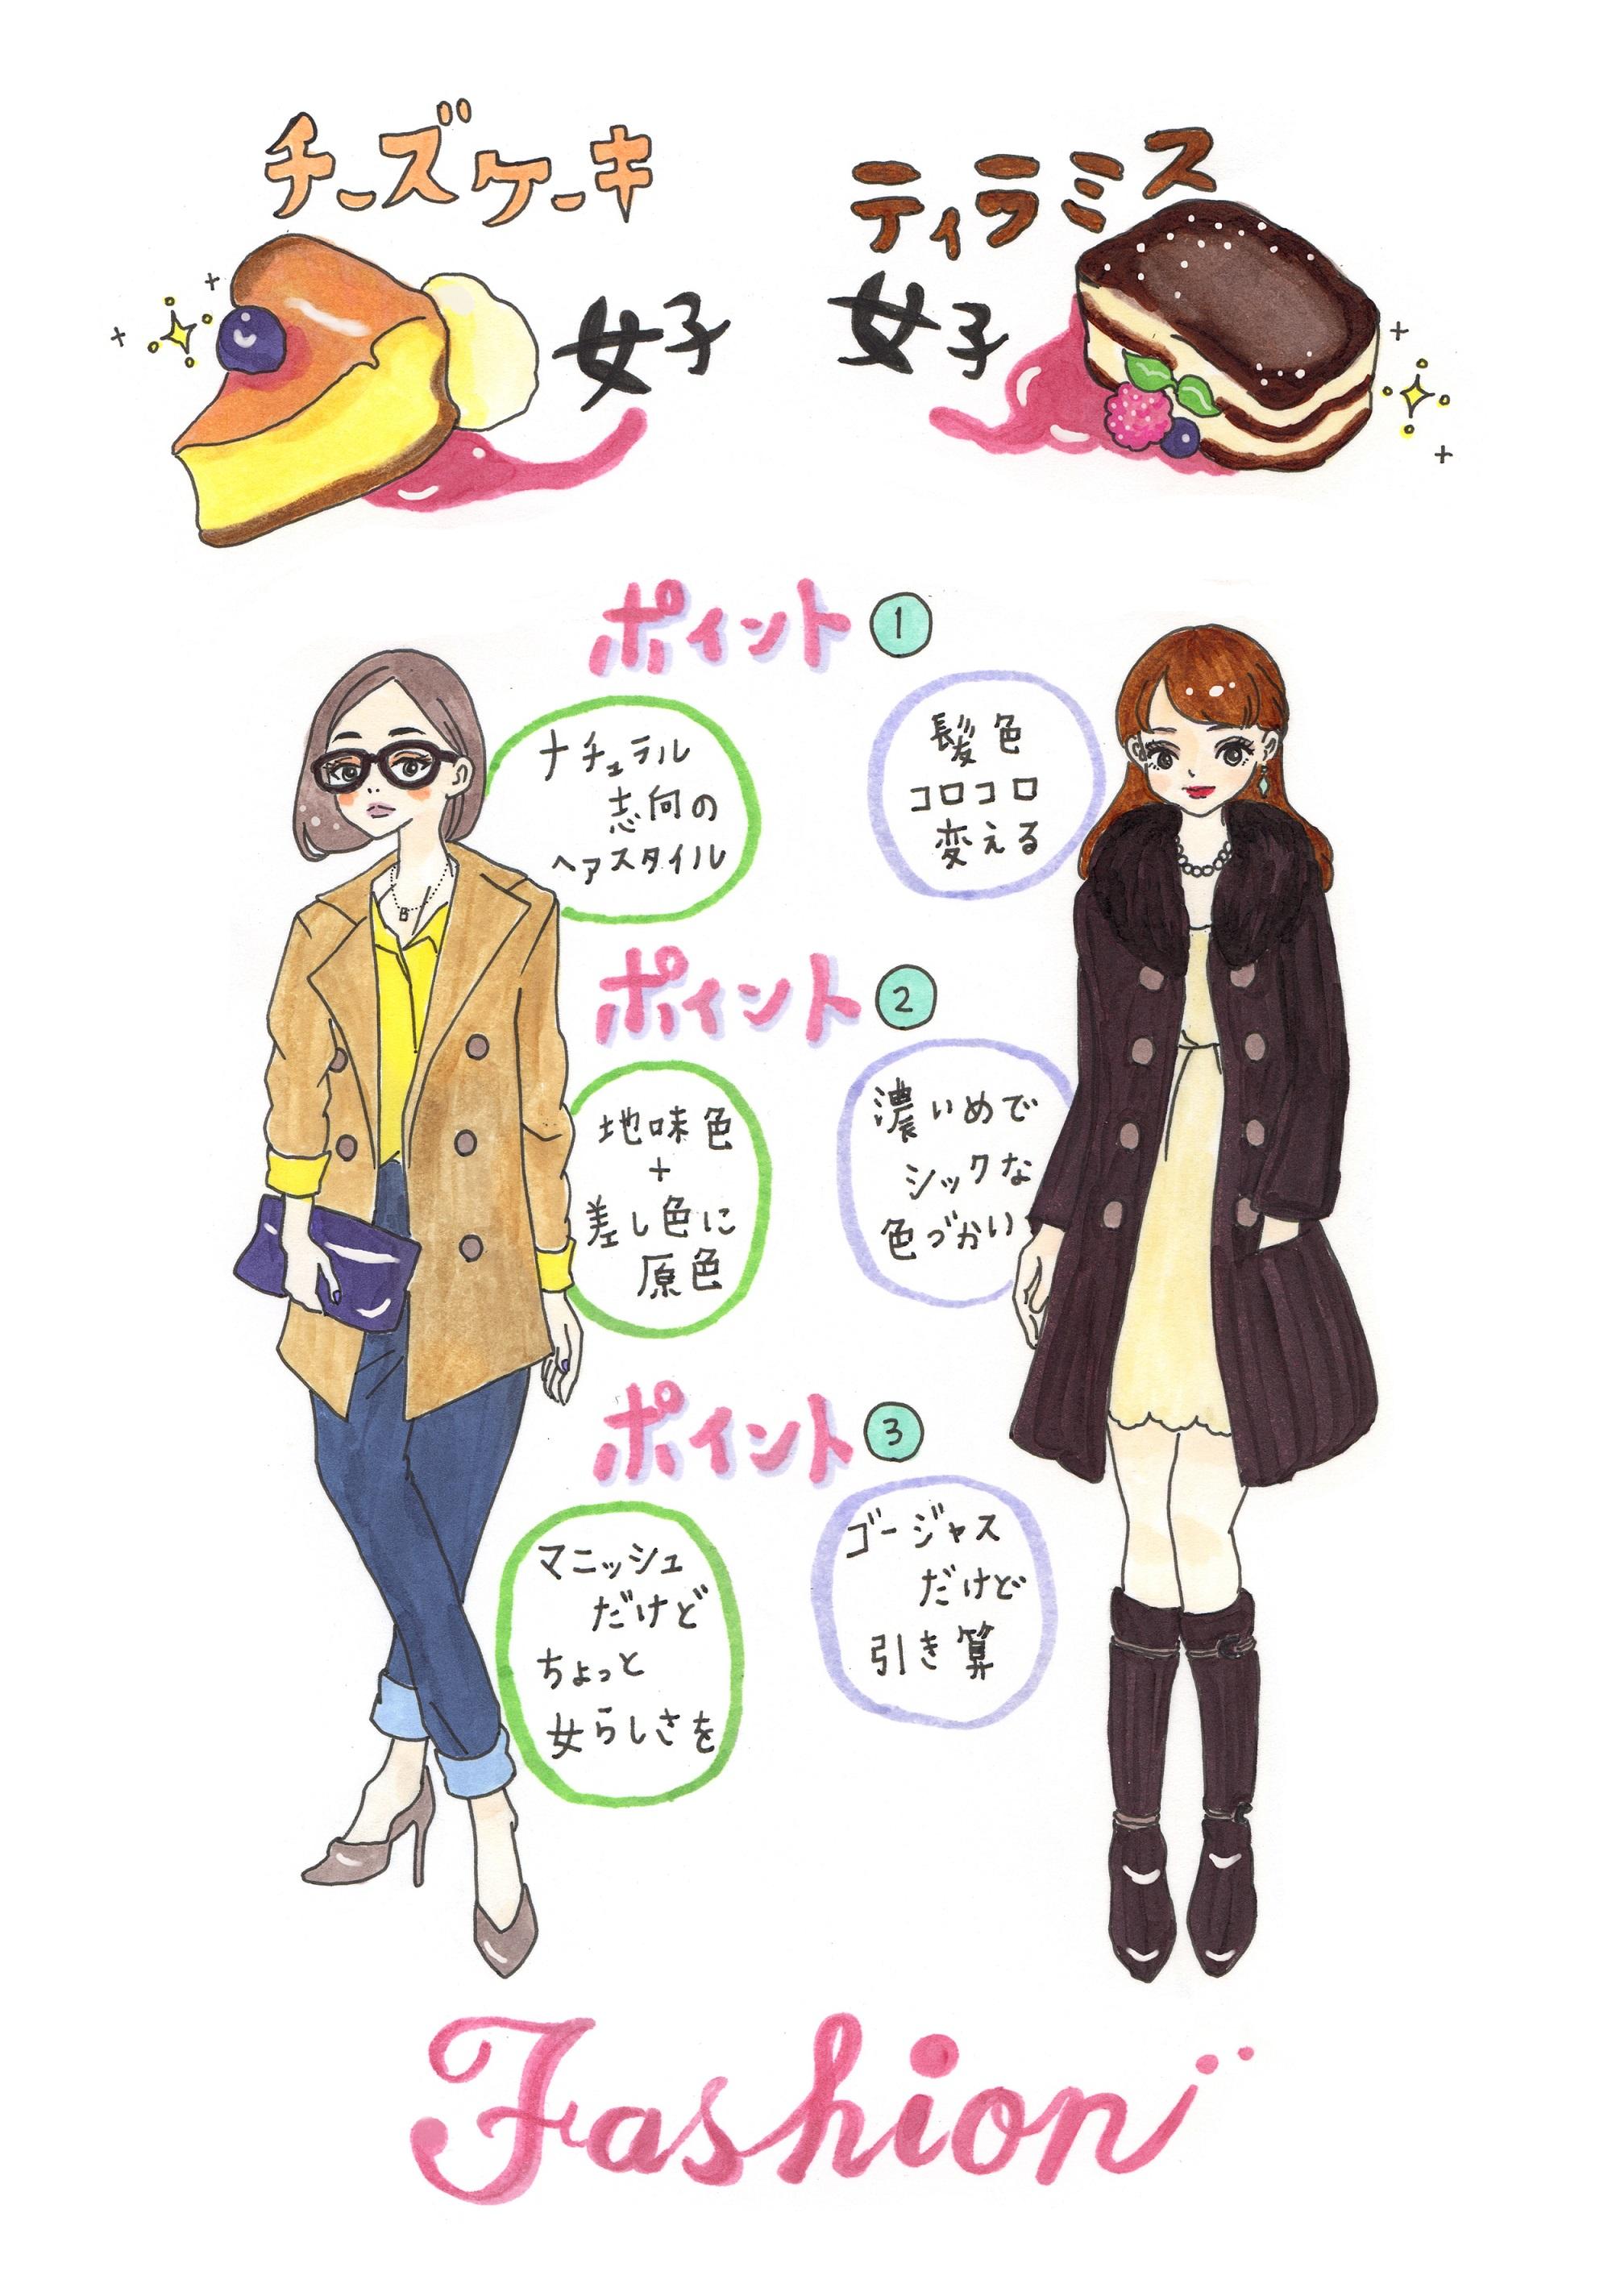 才色兼備女子のファッションと恋愛のクセ【イラストコラム】 , LAURIER PRESS(ローリエプレス)